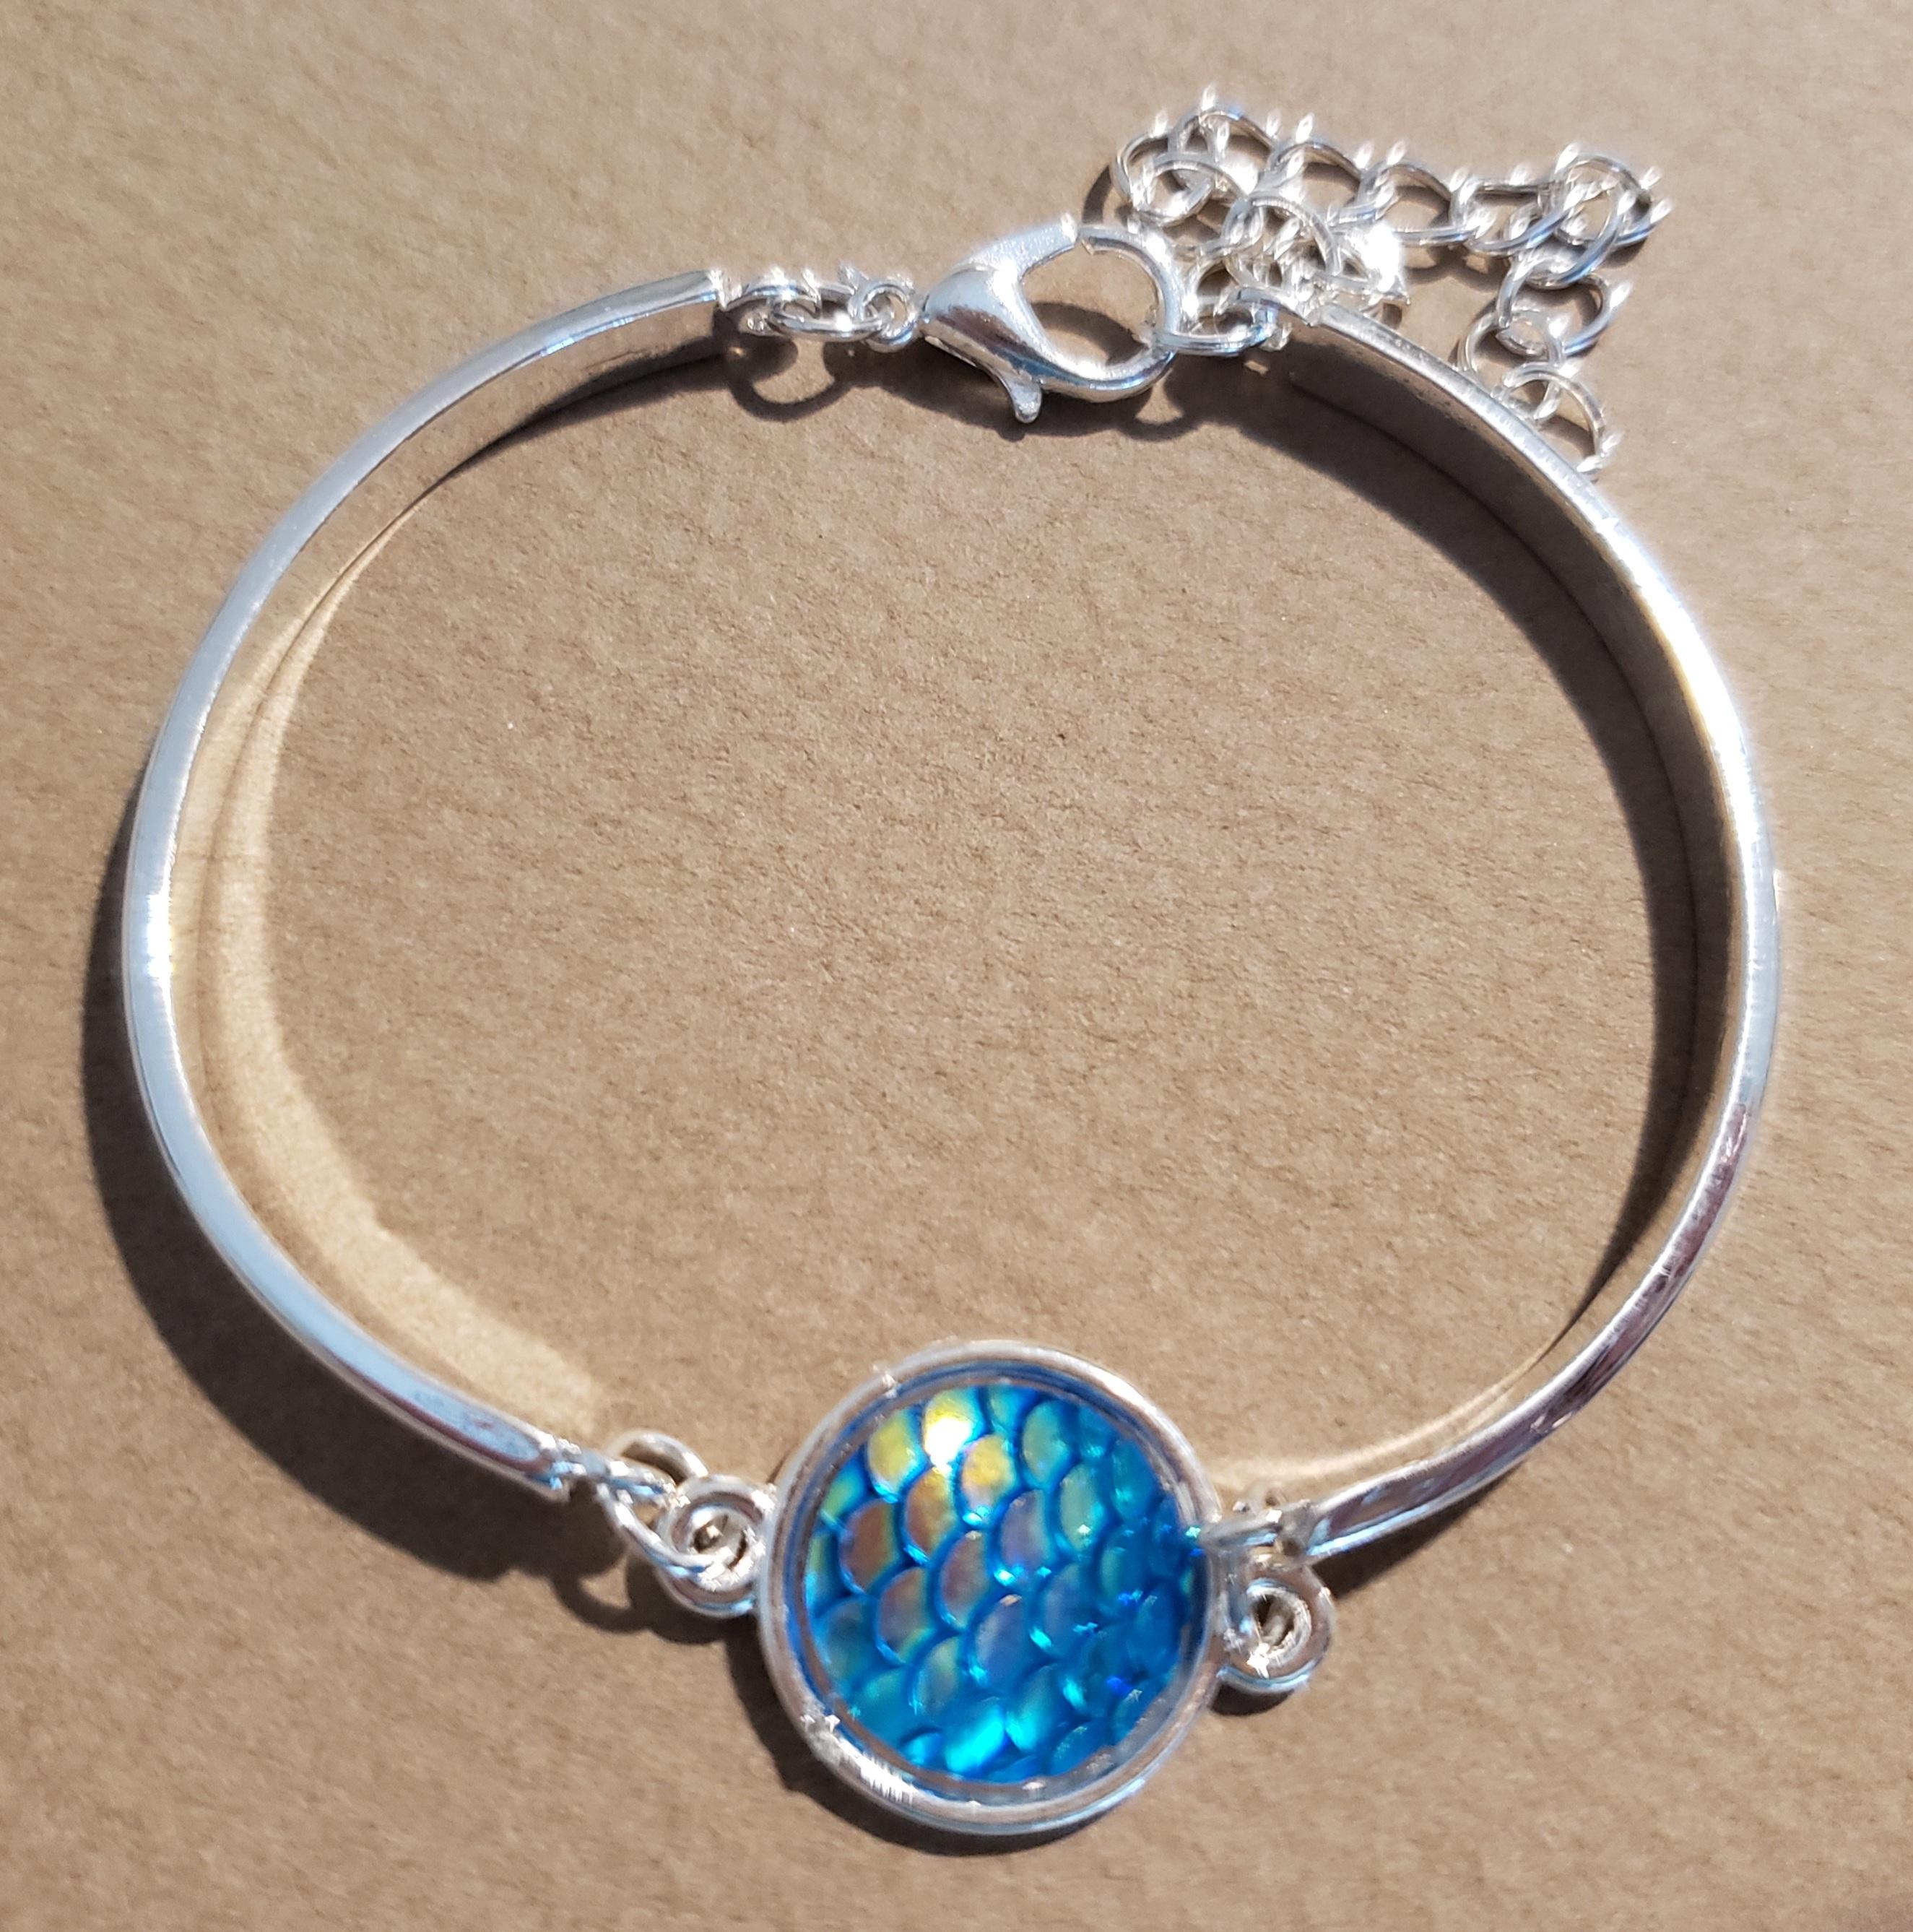 Mermaid Bracelet - color teal